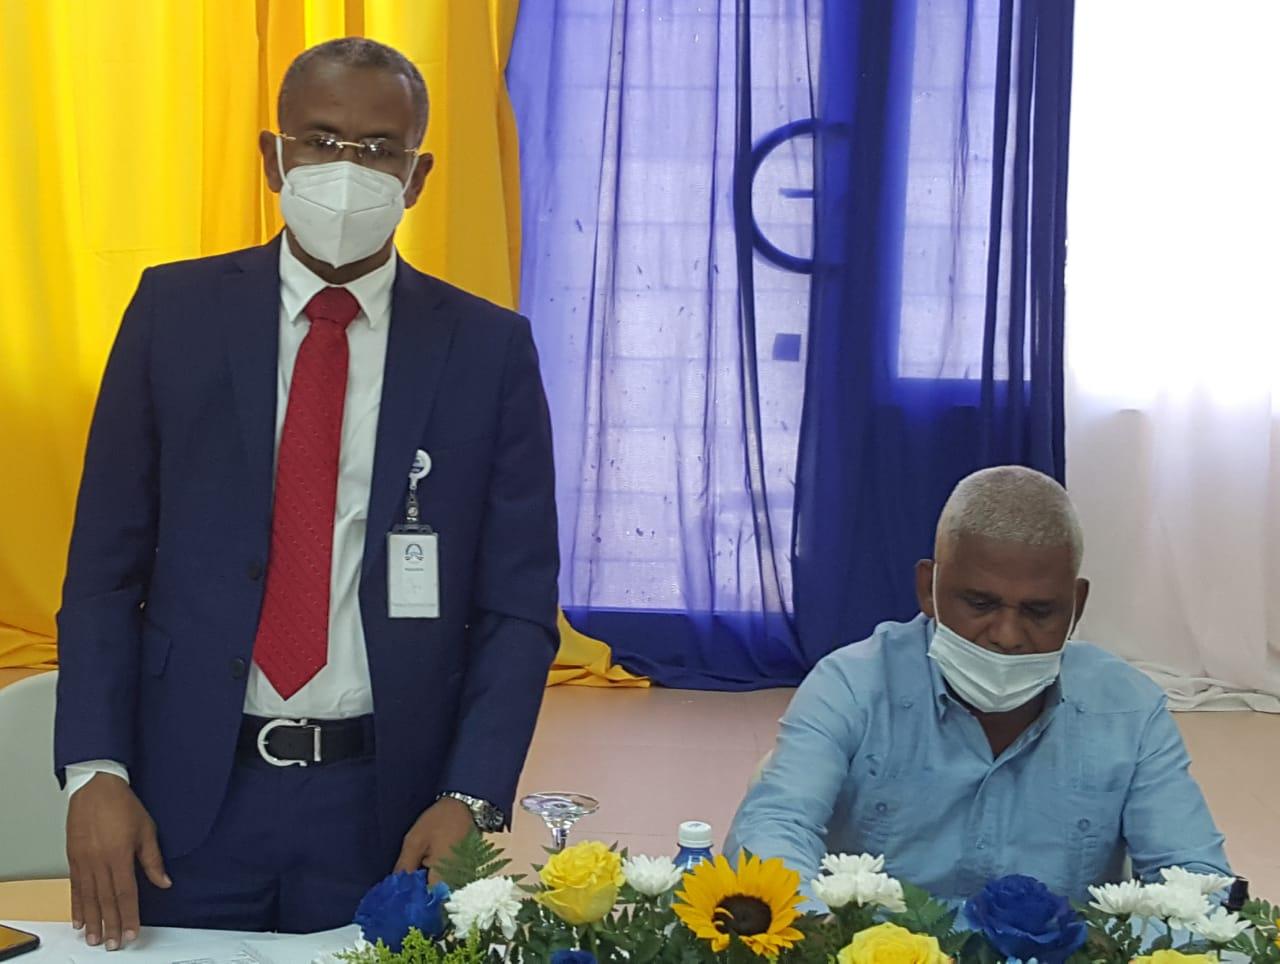 , Indesur, Utepda y Indocafé trazan pautas para firma de acuerdo interinstitucional en beneficio de cafetaleros